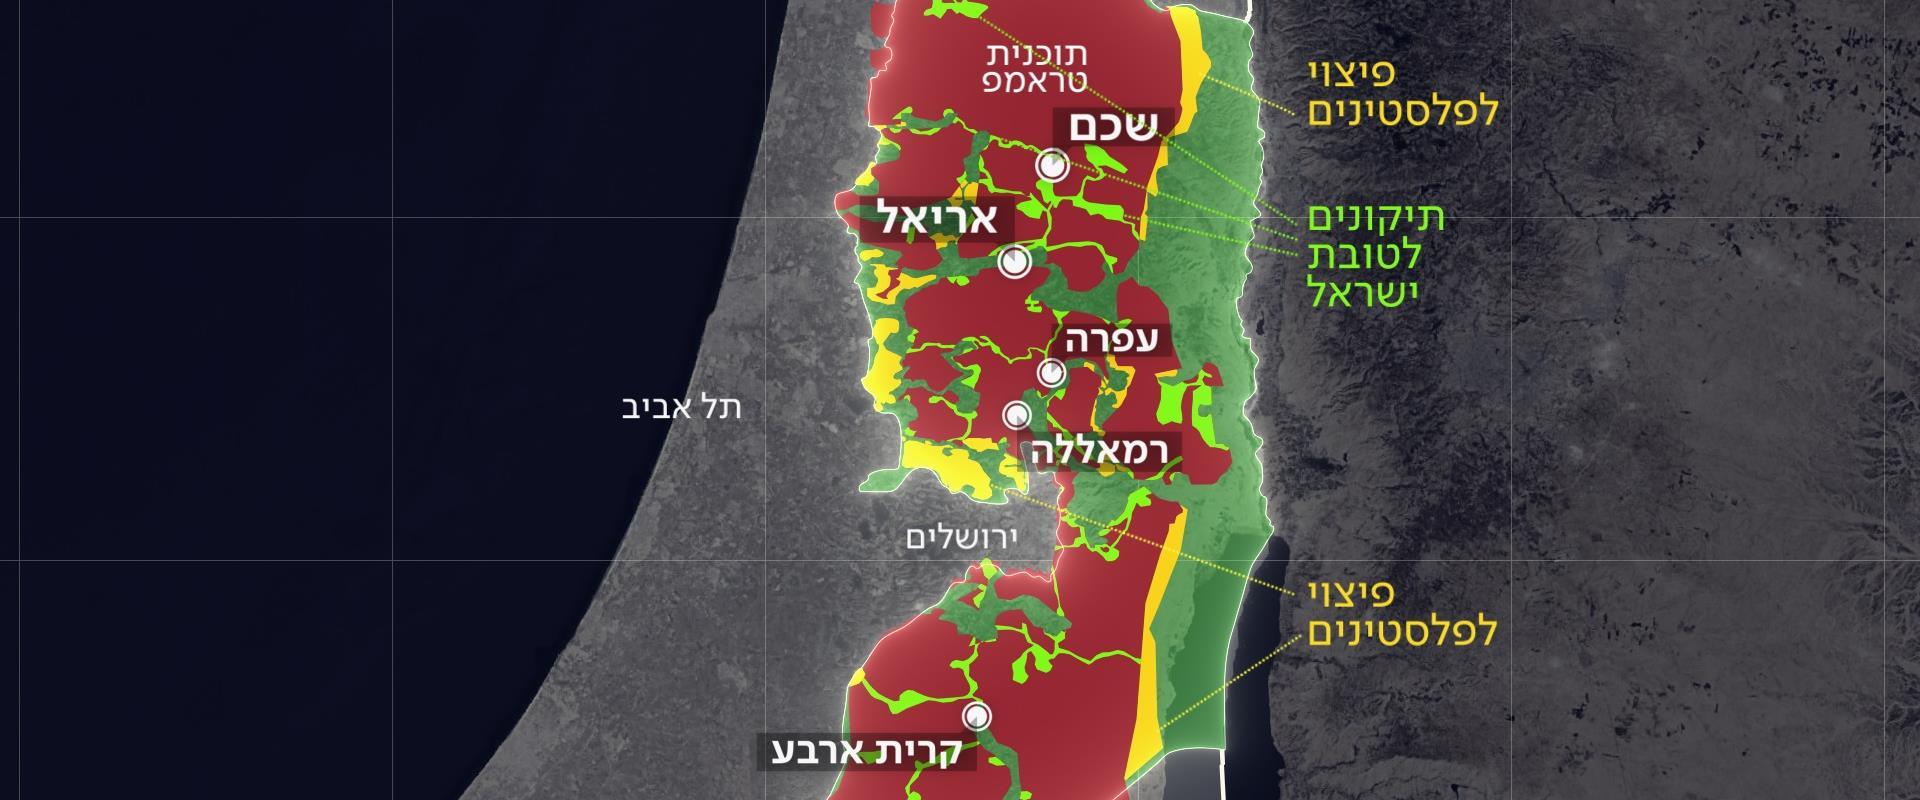 מפת הסיפוח הישראלית לתיקון תוכנית טראמפ